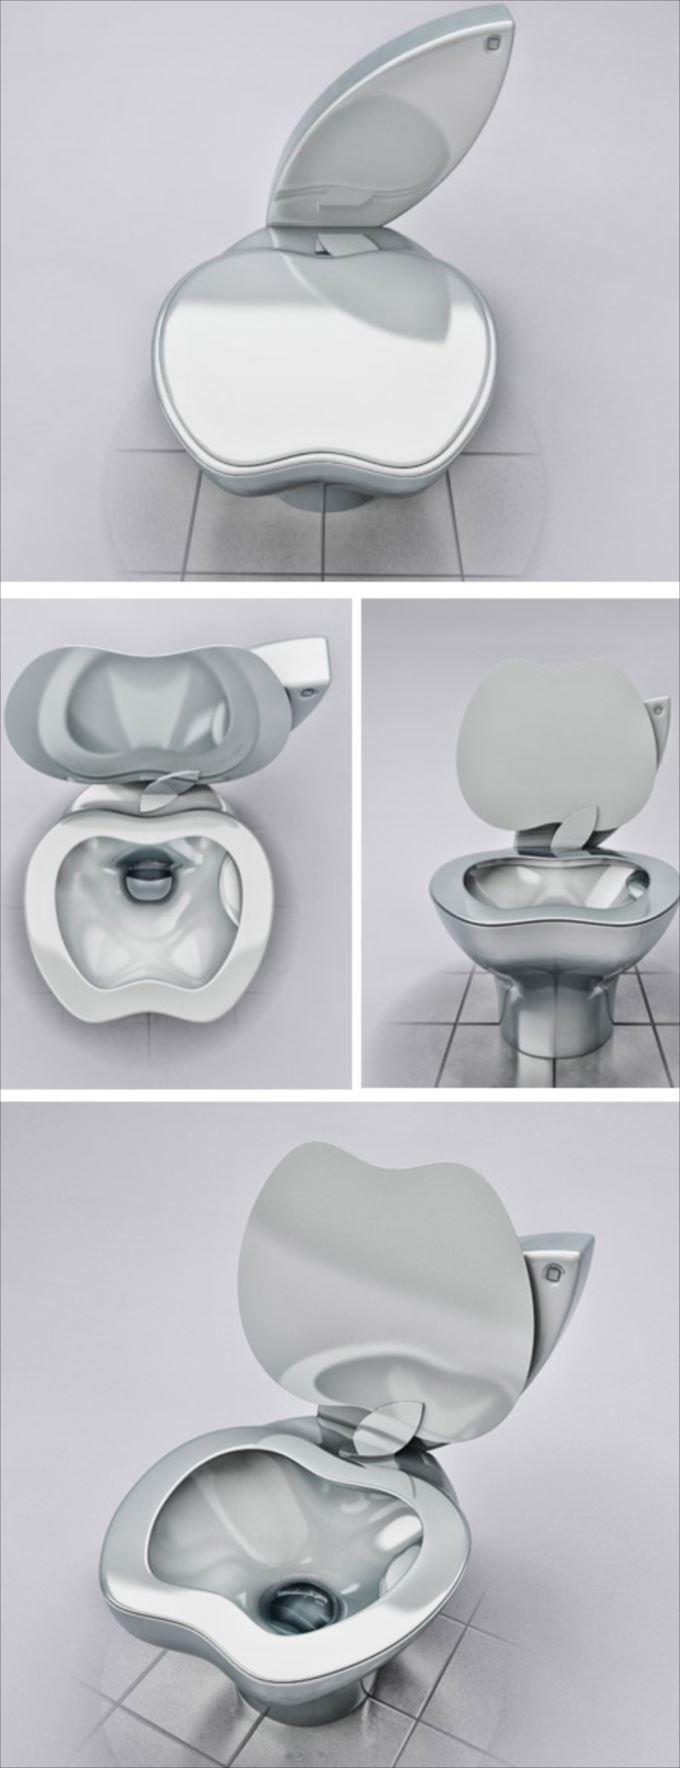 世界の変わったトイレ4